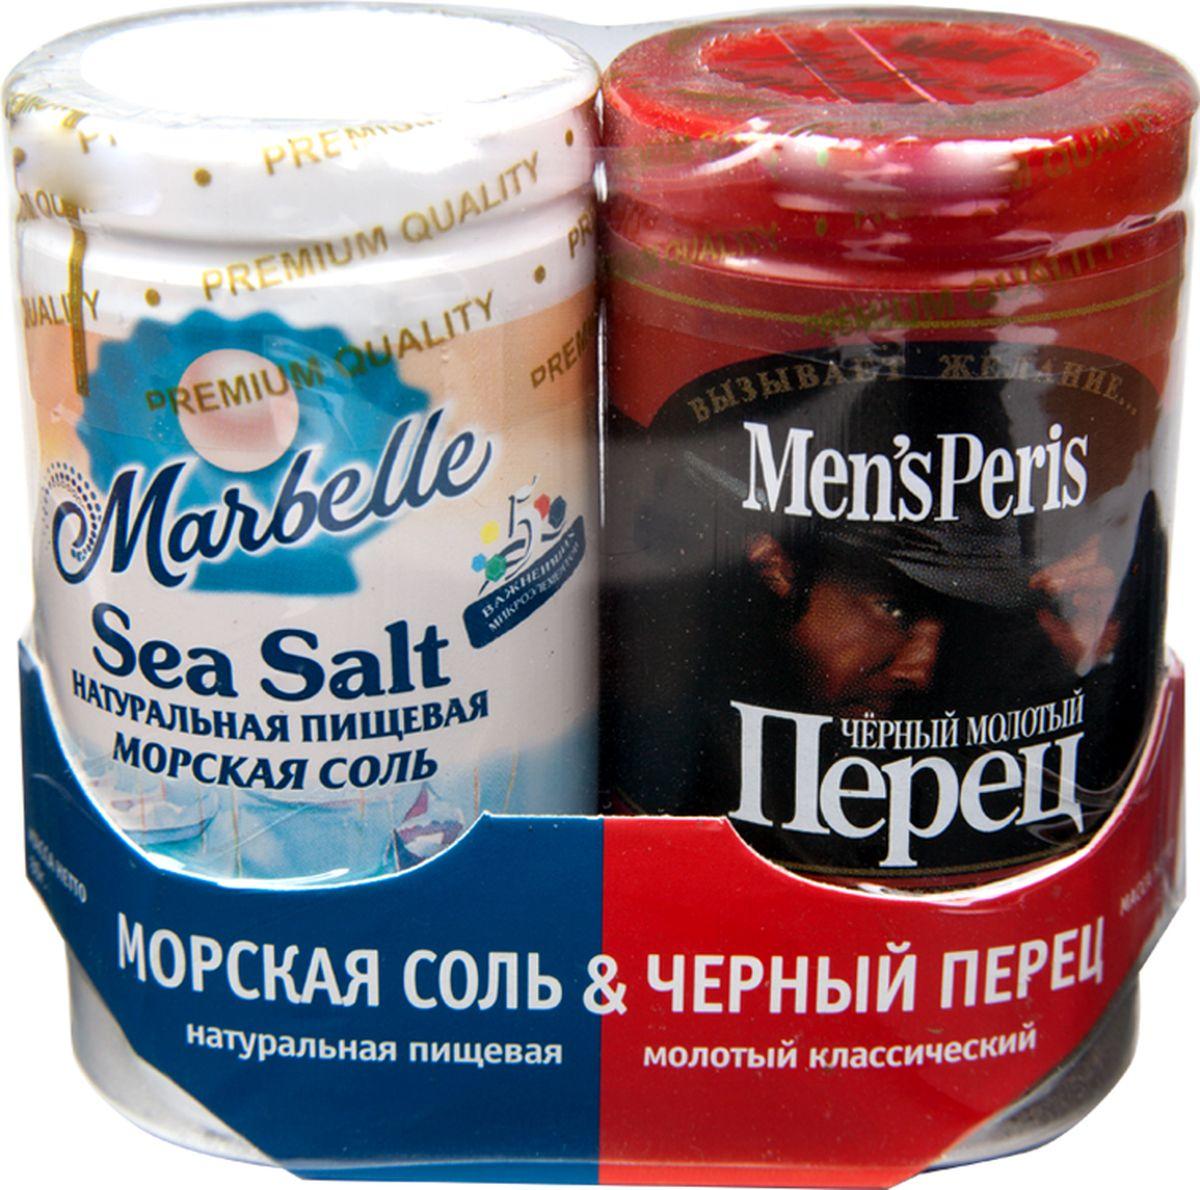 Marbellе набор соль морская и перец черный, 115 г4607012291431Соль и перец — два самых востребованных ингредиента на кухне. Они добавляются при приготовлении практически любых видов продуктов — мяса, рыбы, птицы, овощей.